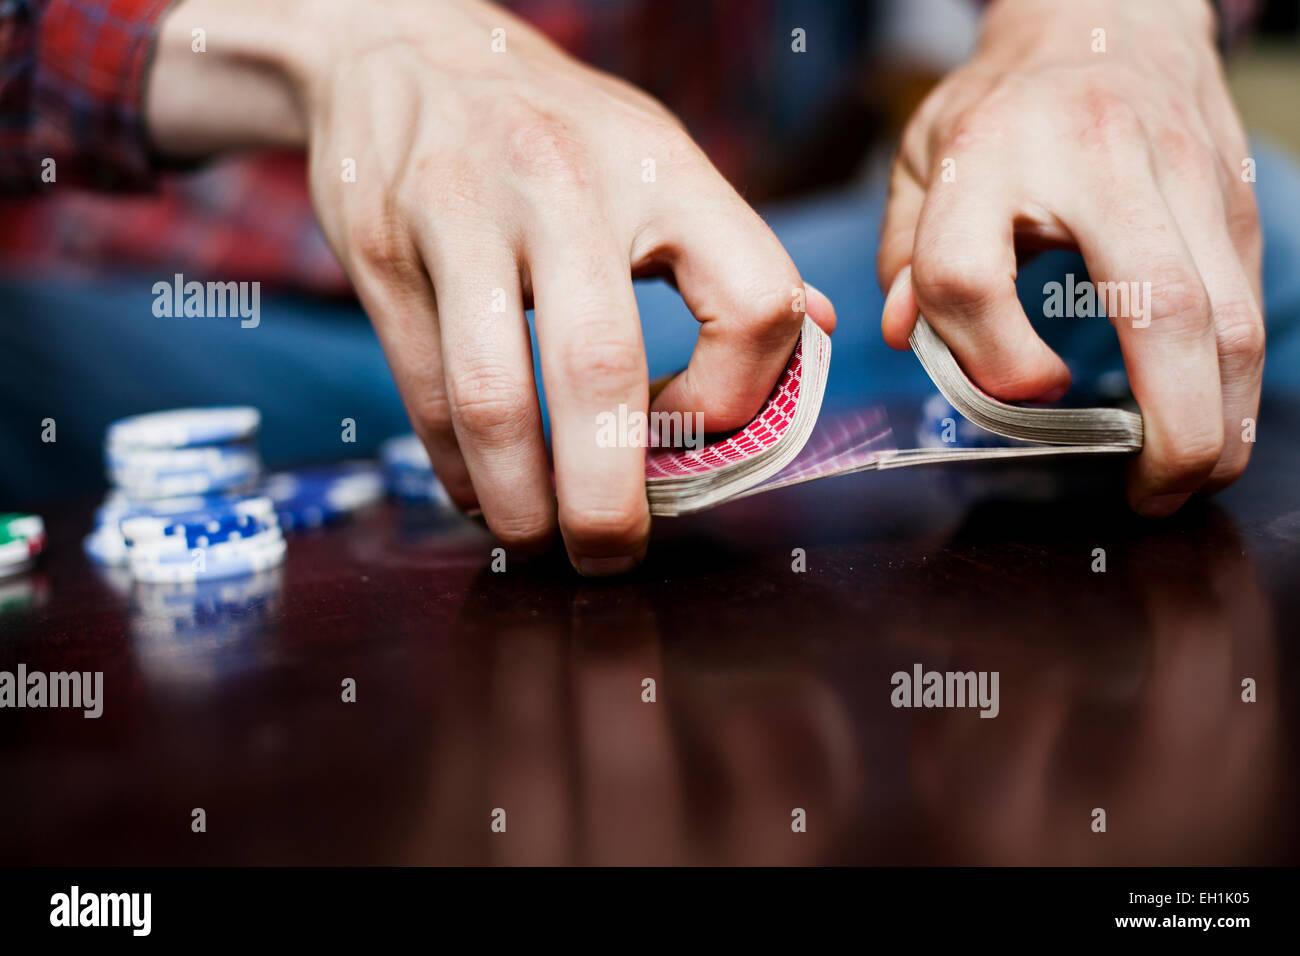 Bild des Mannes Hand mischen und Mischen der Karten zugeschnitten Stockbild